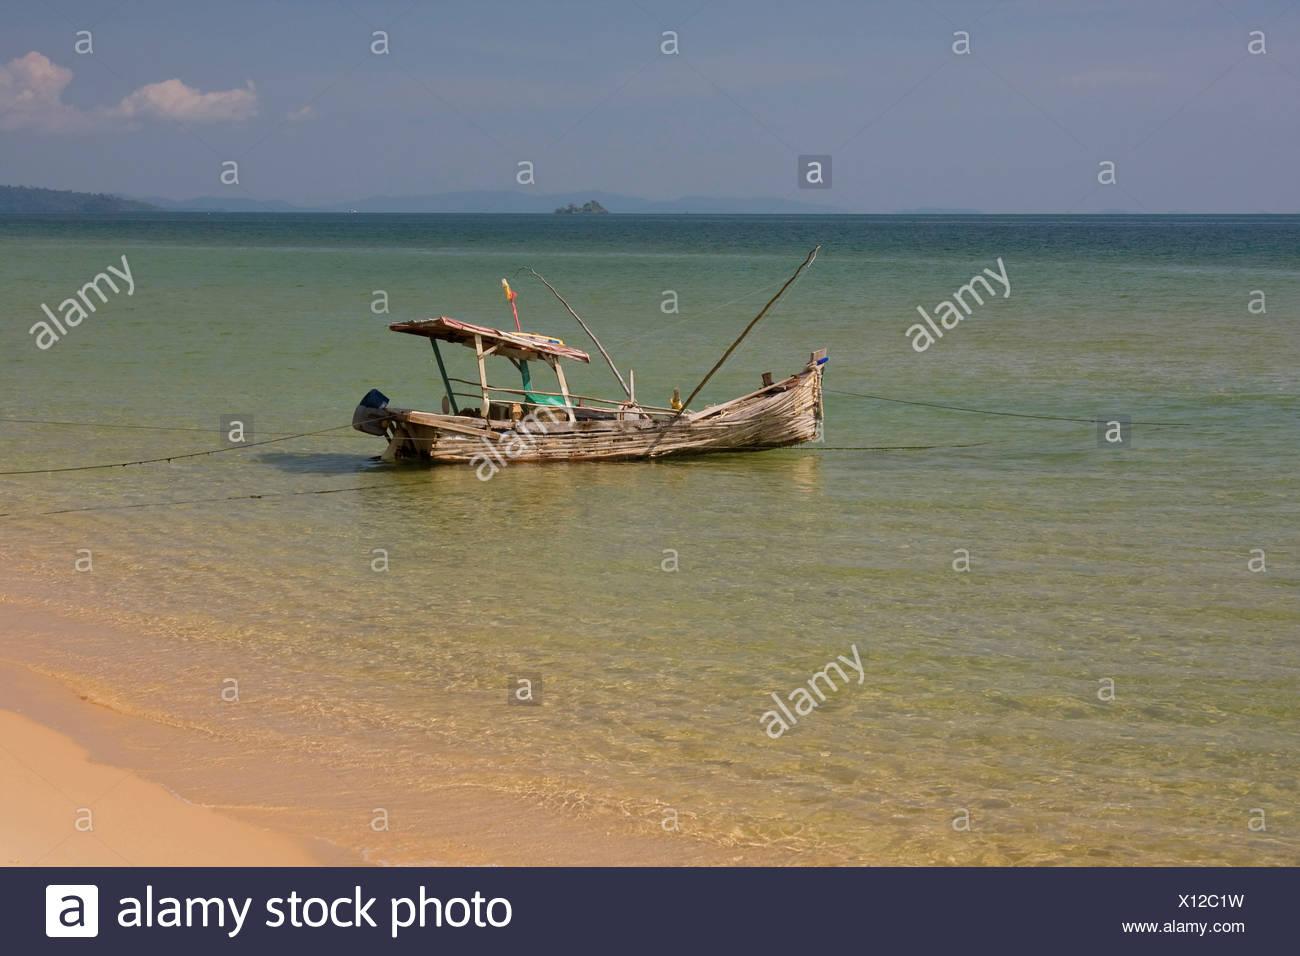 Asia, boat, fishing boat, island, isle, coast, coasts, sea, seas, seashore, seashores, nobody, Phu Quoc, South-East Asia, South - Stock Image